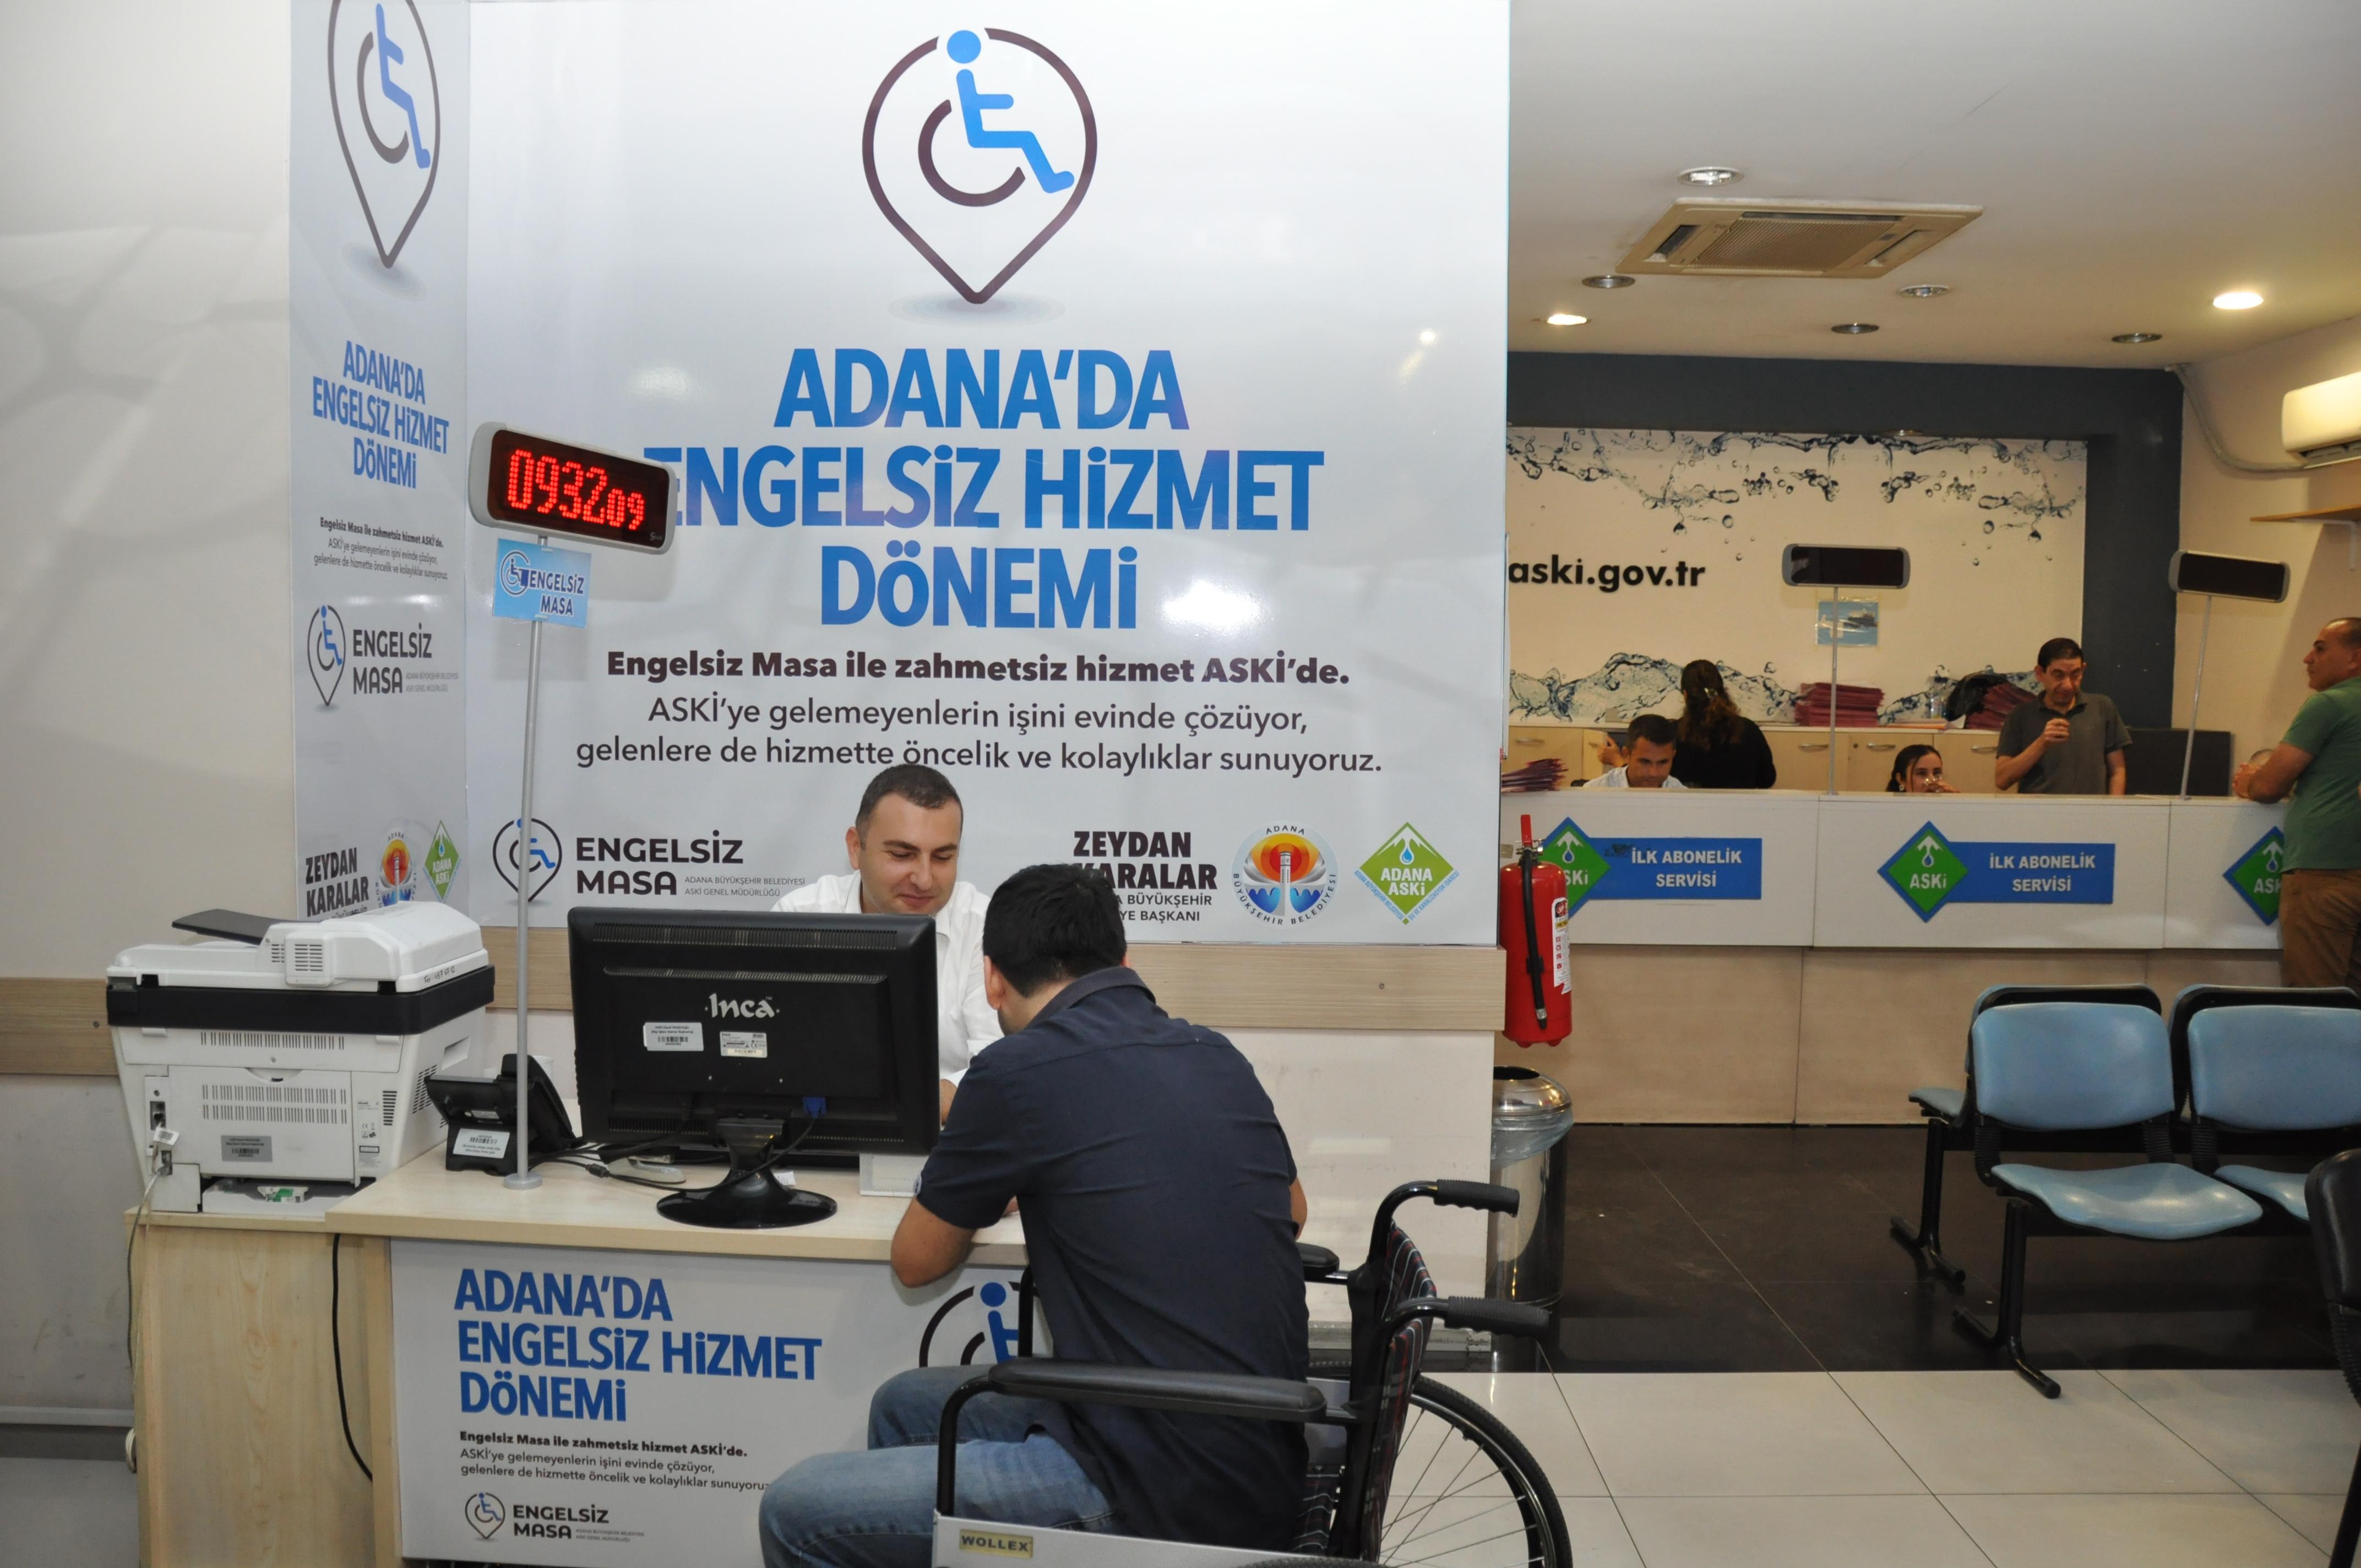 """ASKİ'de """"engelsiz hizmet"""" dönemi"""